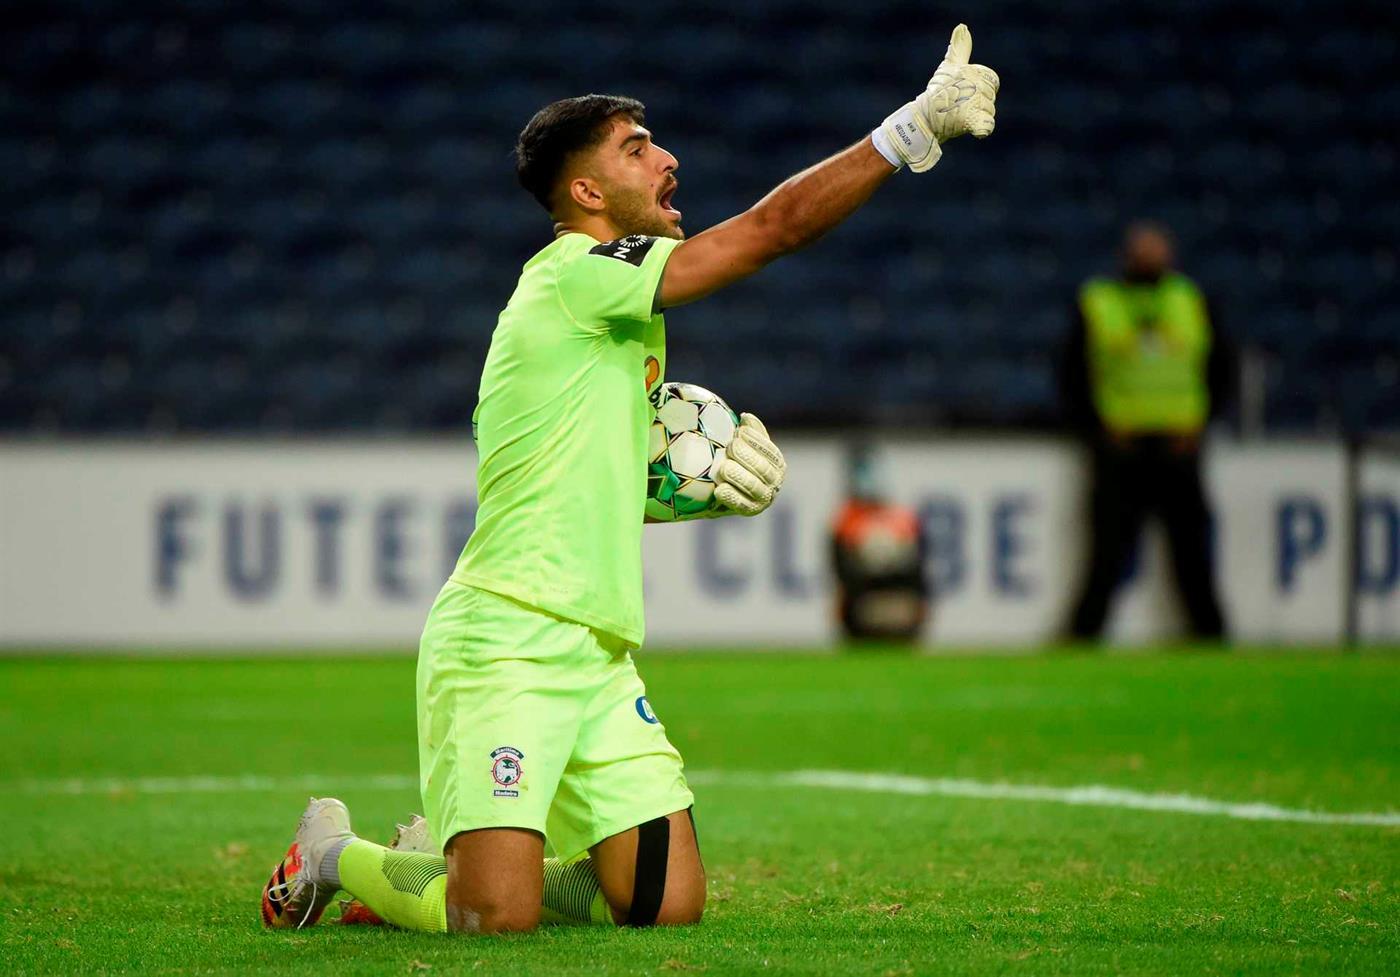 #J3 Liga Portugal 20-21 – A verdadeira jornada dos guarda-redes!